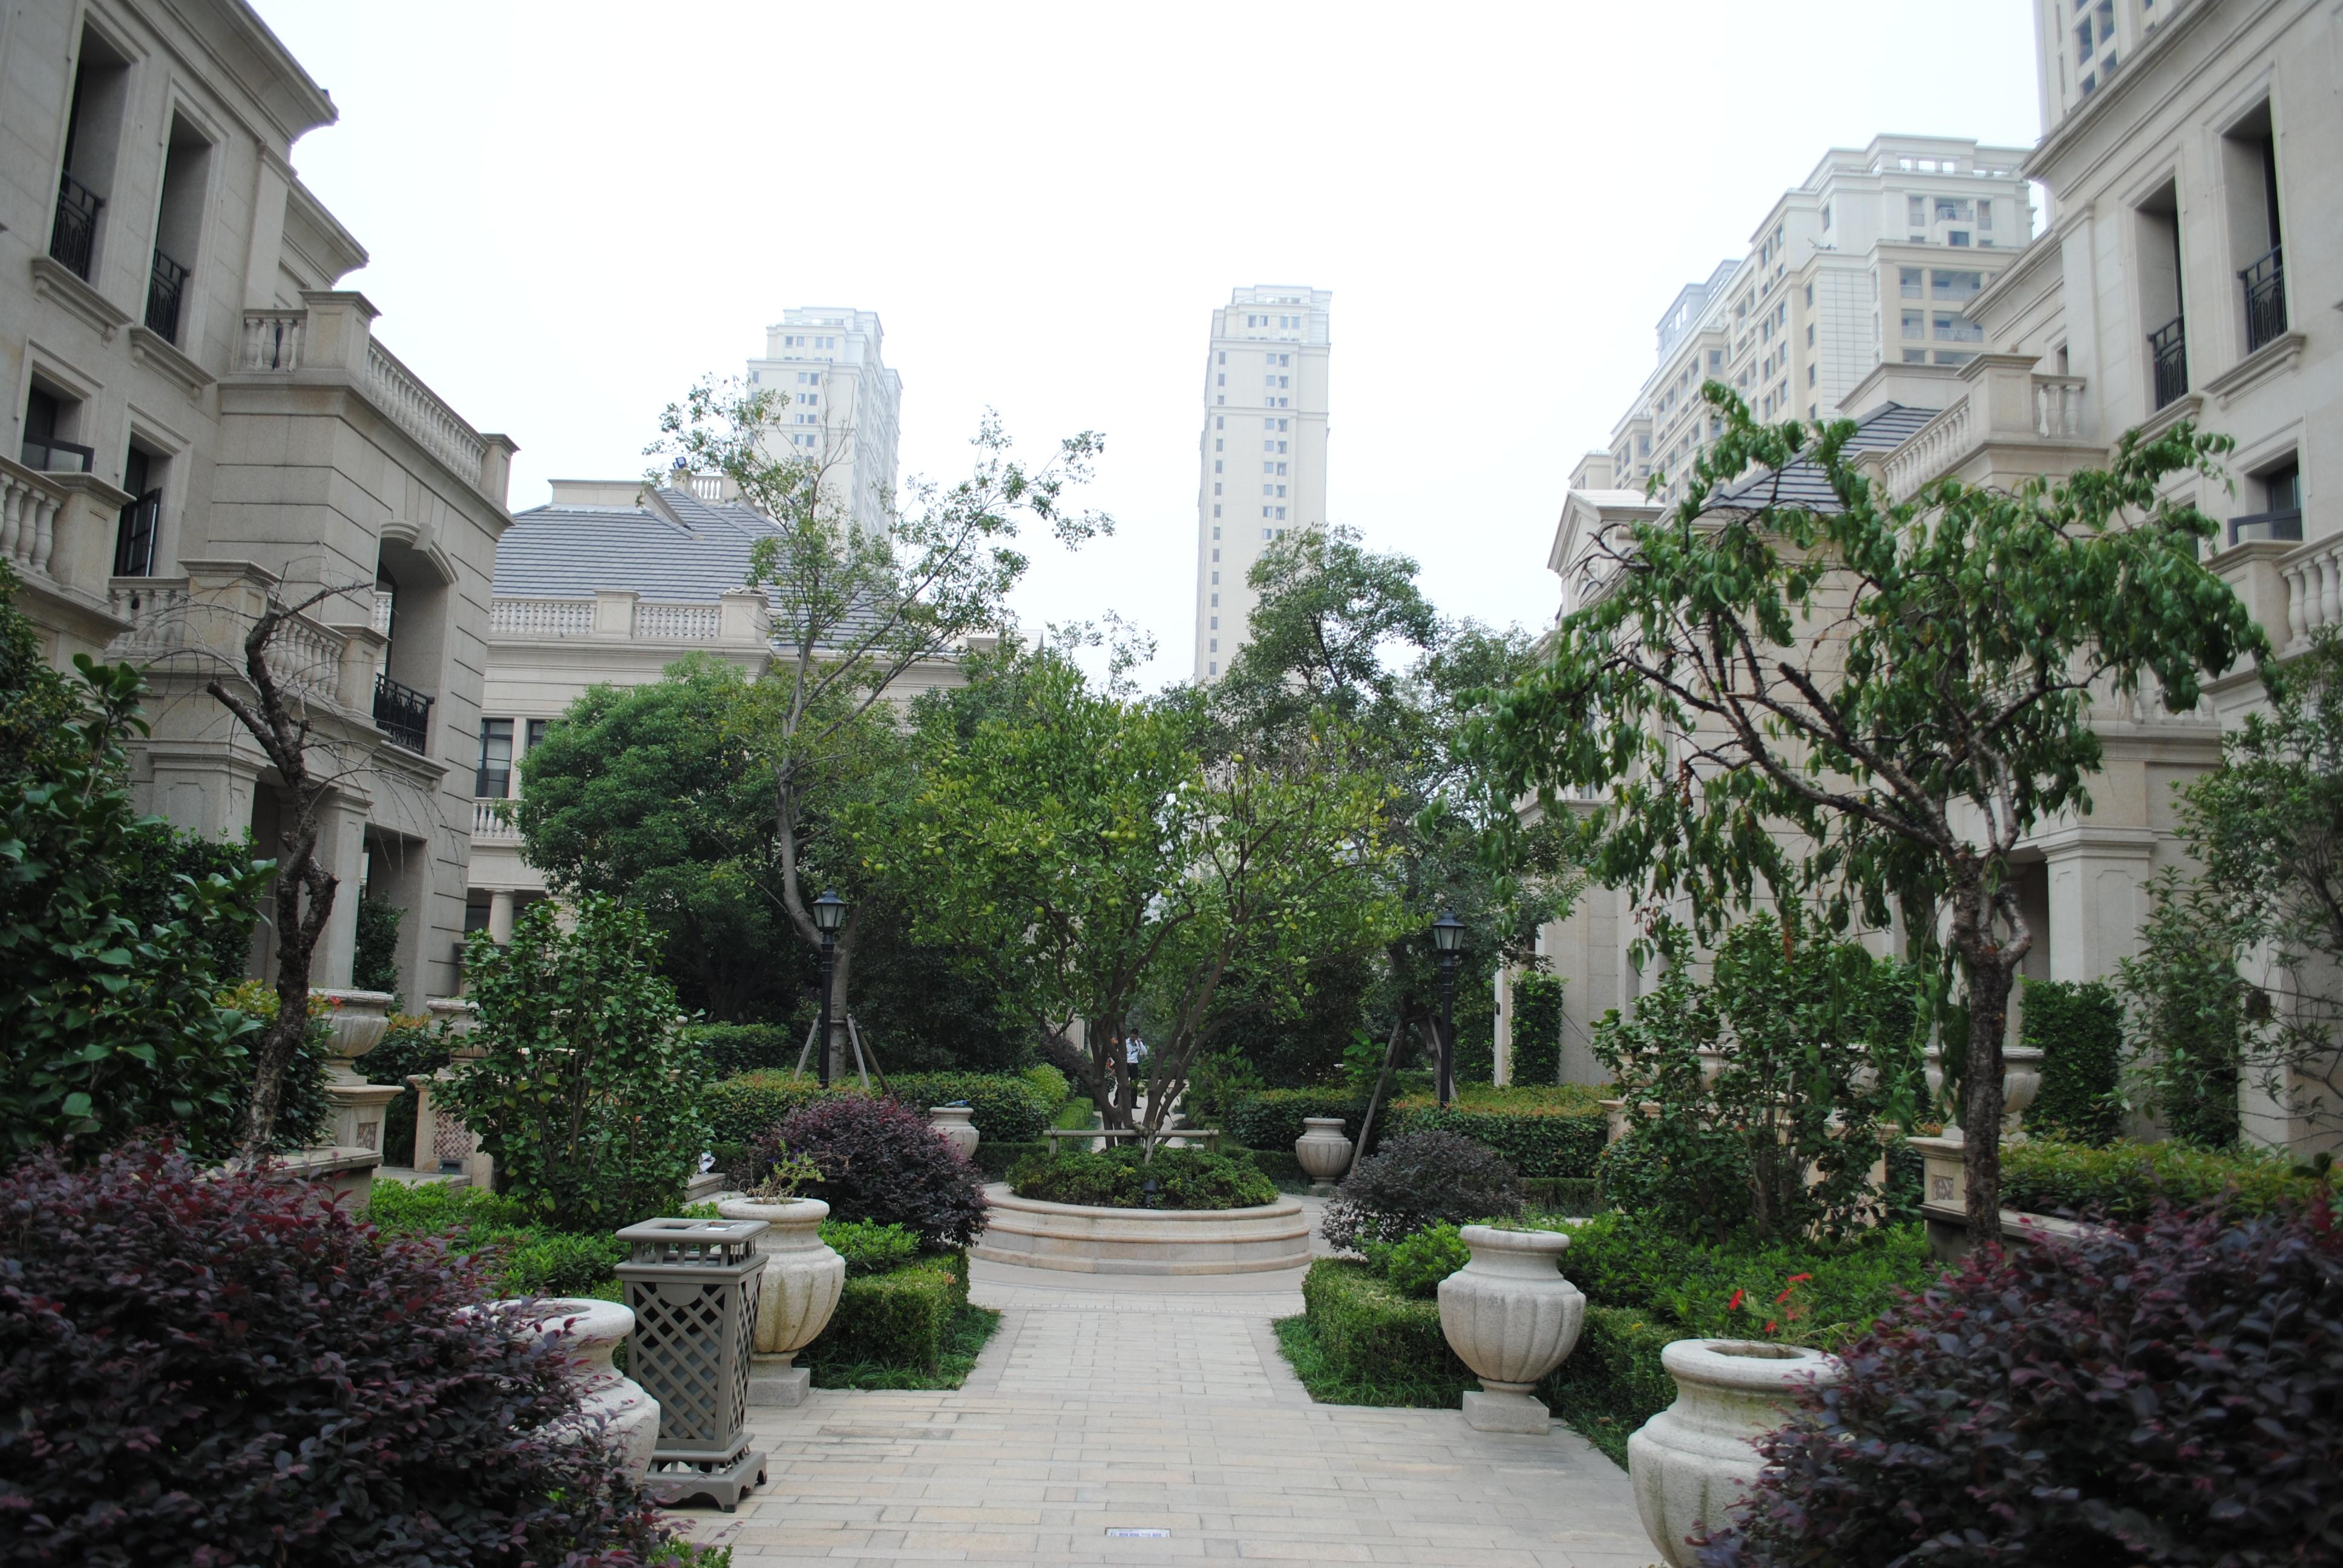 w长安府纯复试叠加别墅 实际面积500平方 带大院子 纯毛坯